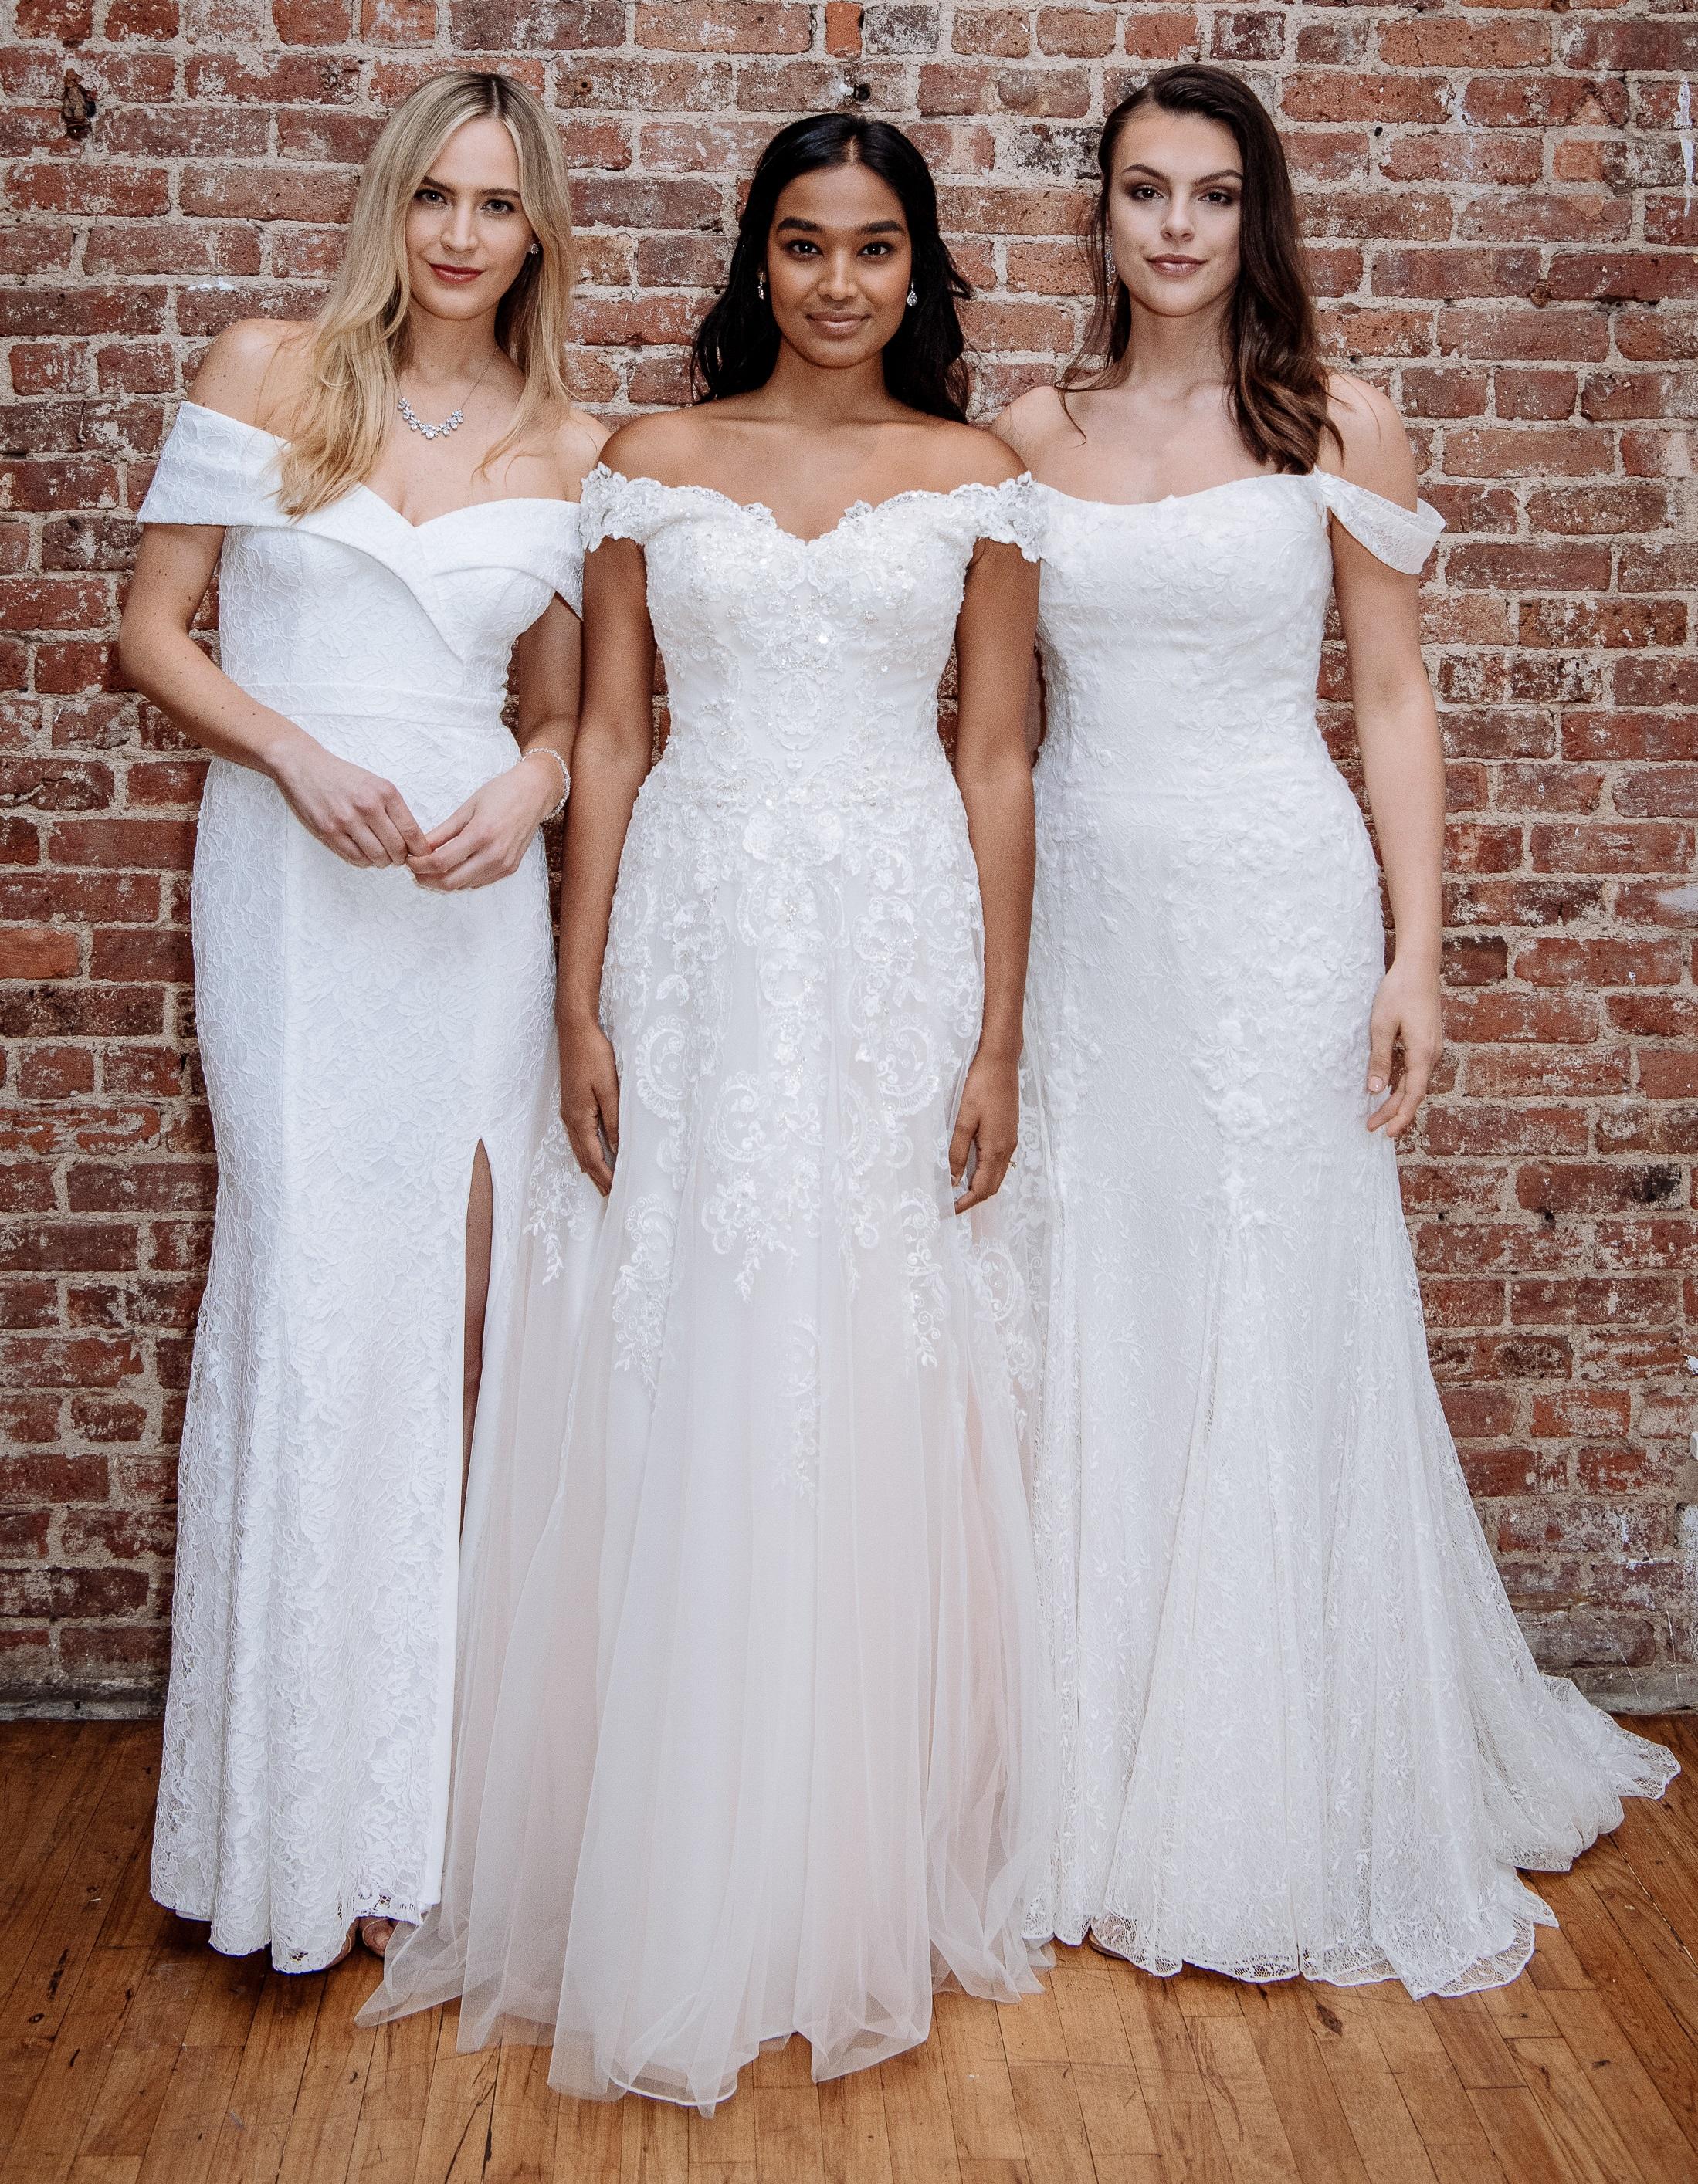 2019 Spring Wedding Dresses | Off-the-Shoulder Wedding Dresses